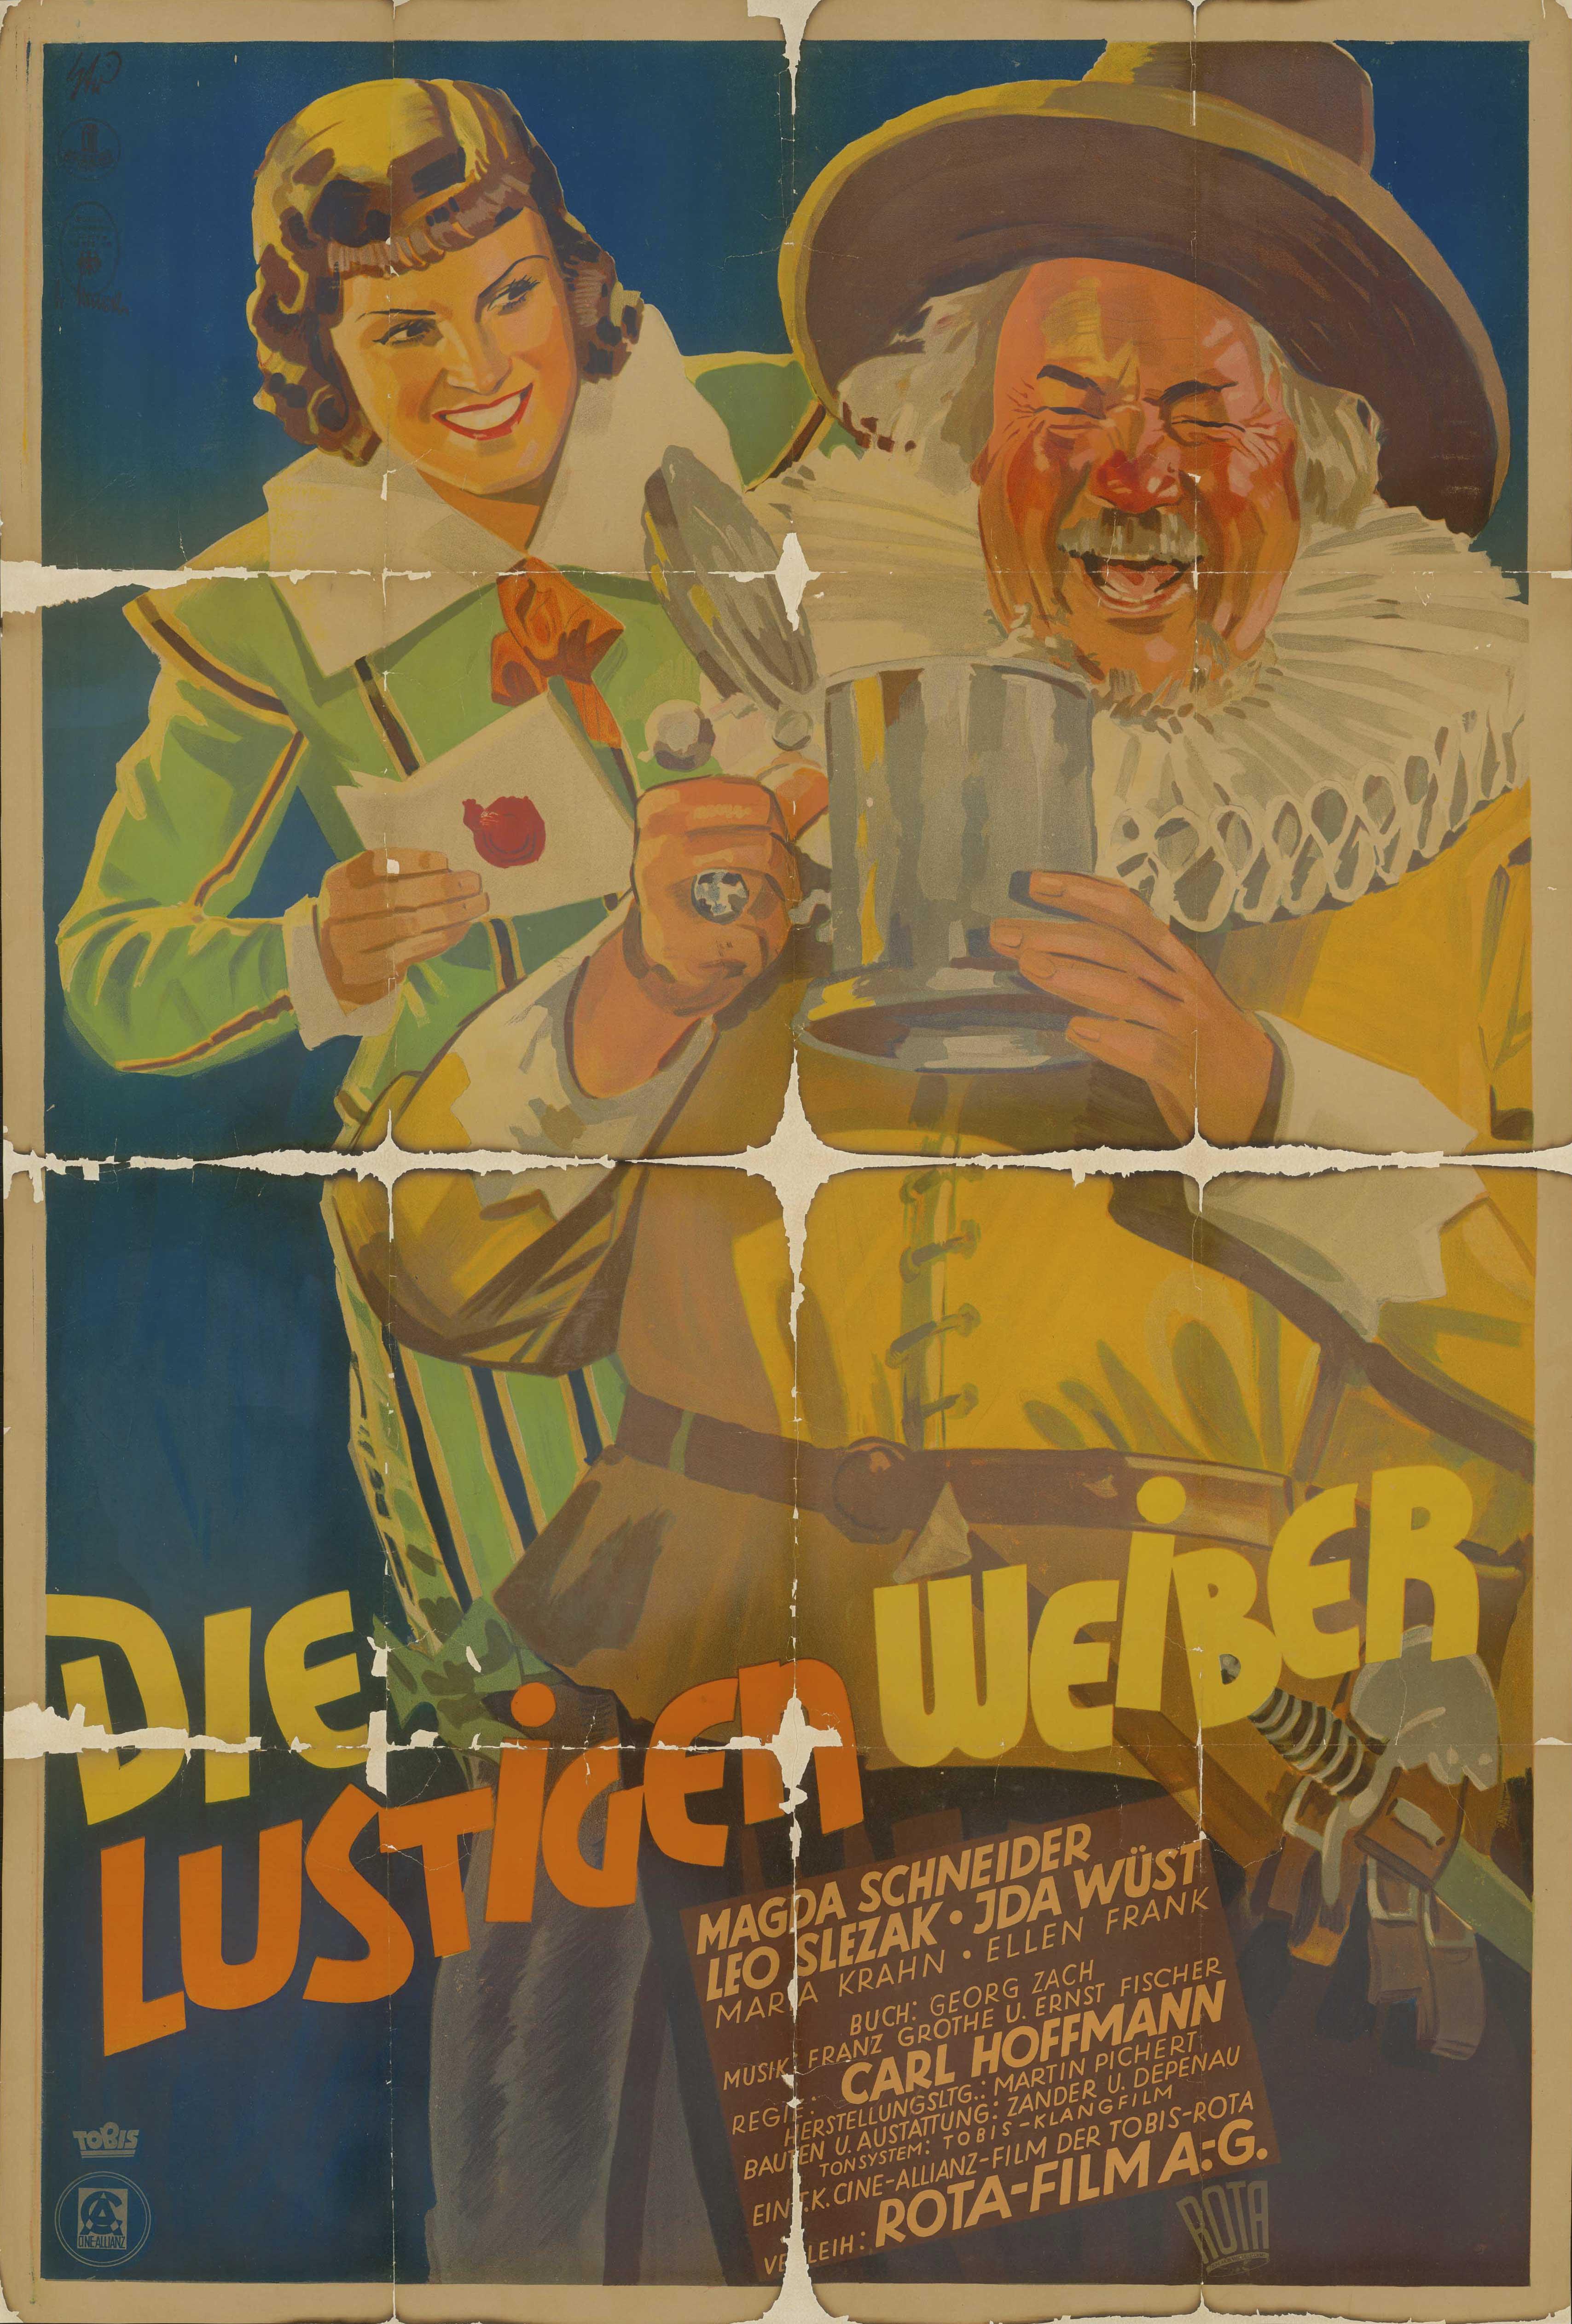 Filmplakat zu dem Film Die lustigen Weiber, Deutschland 1935